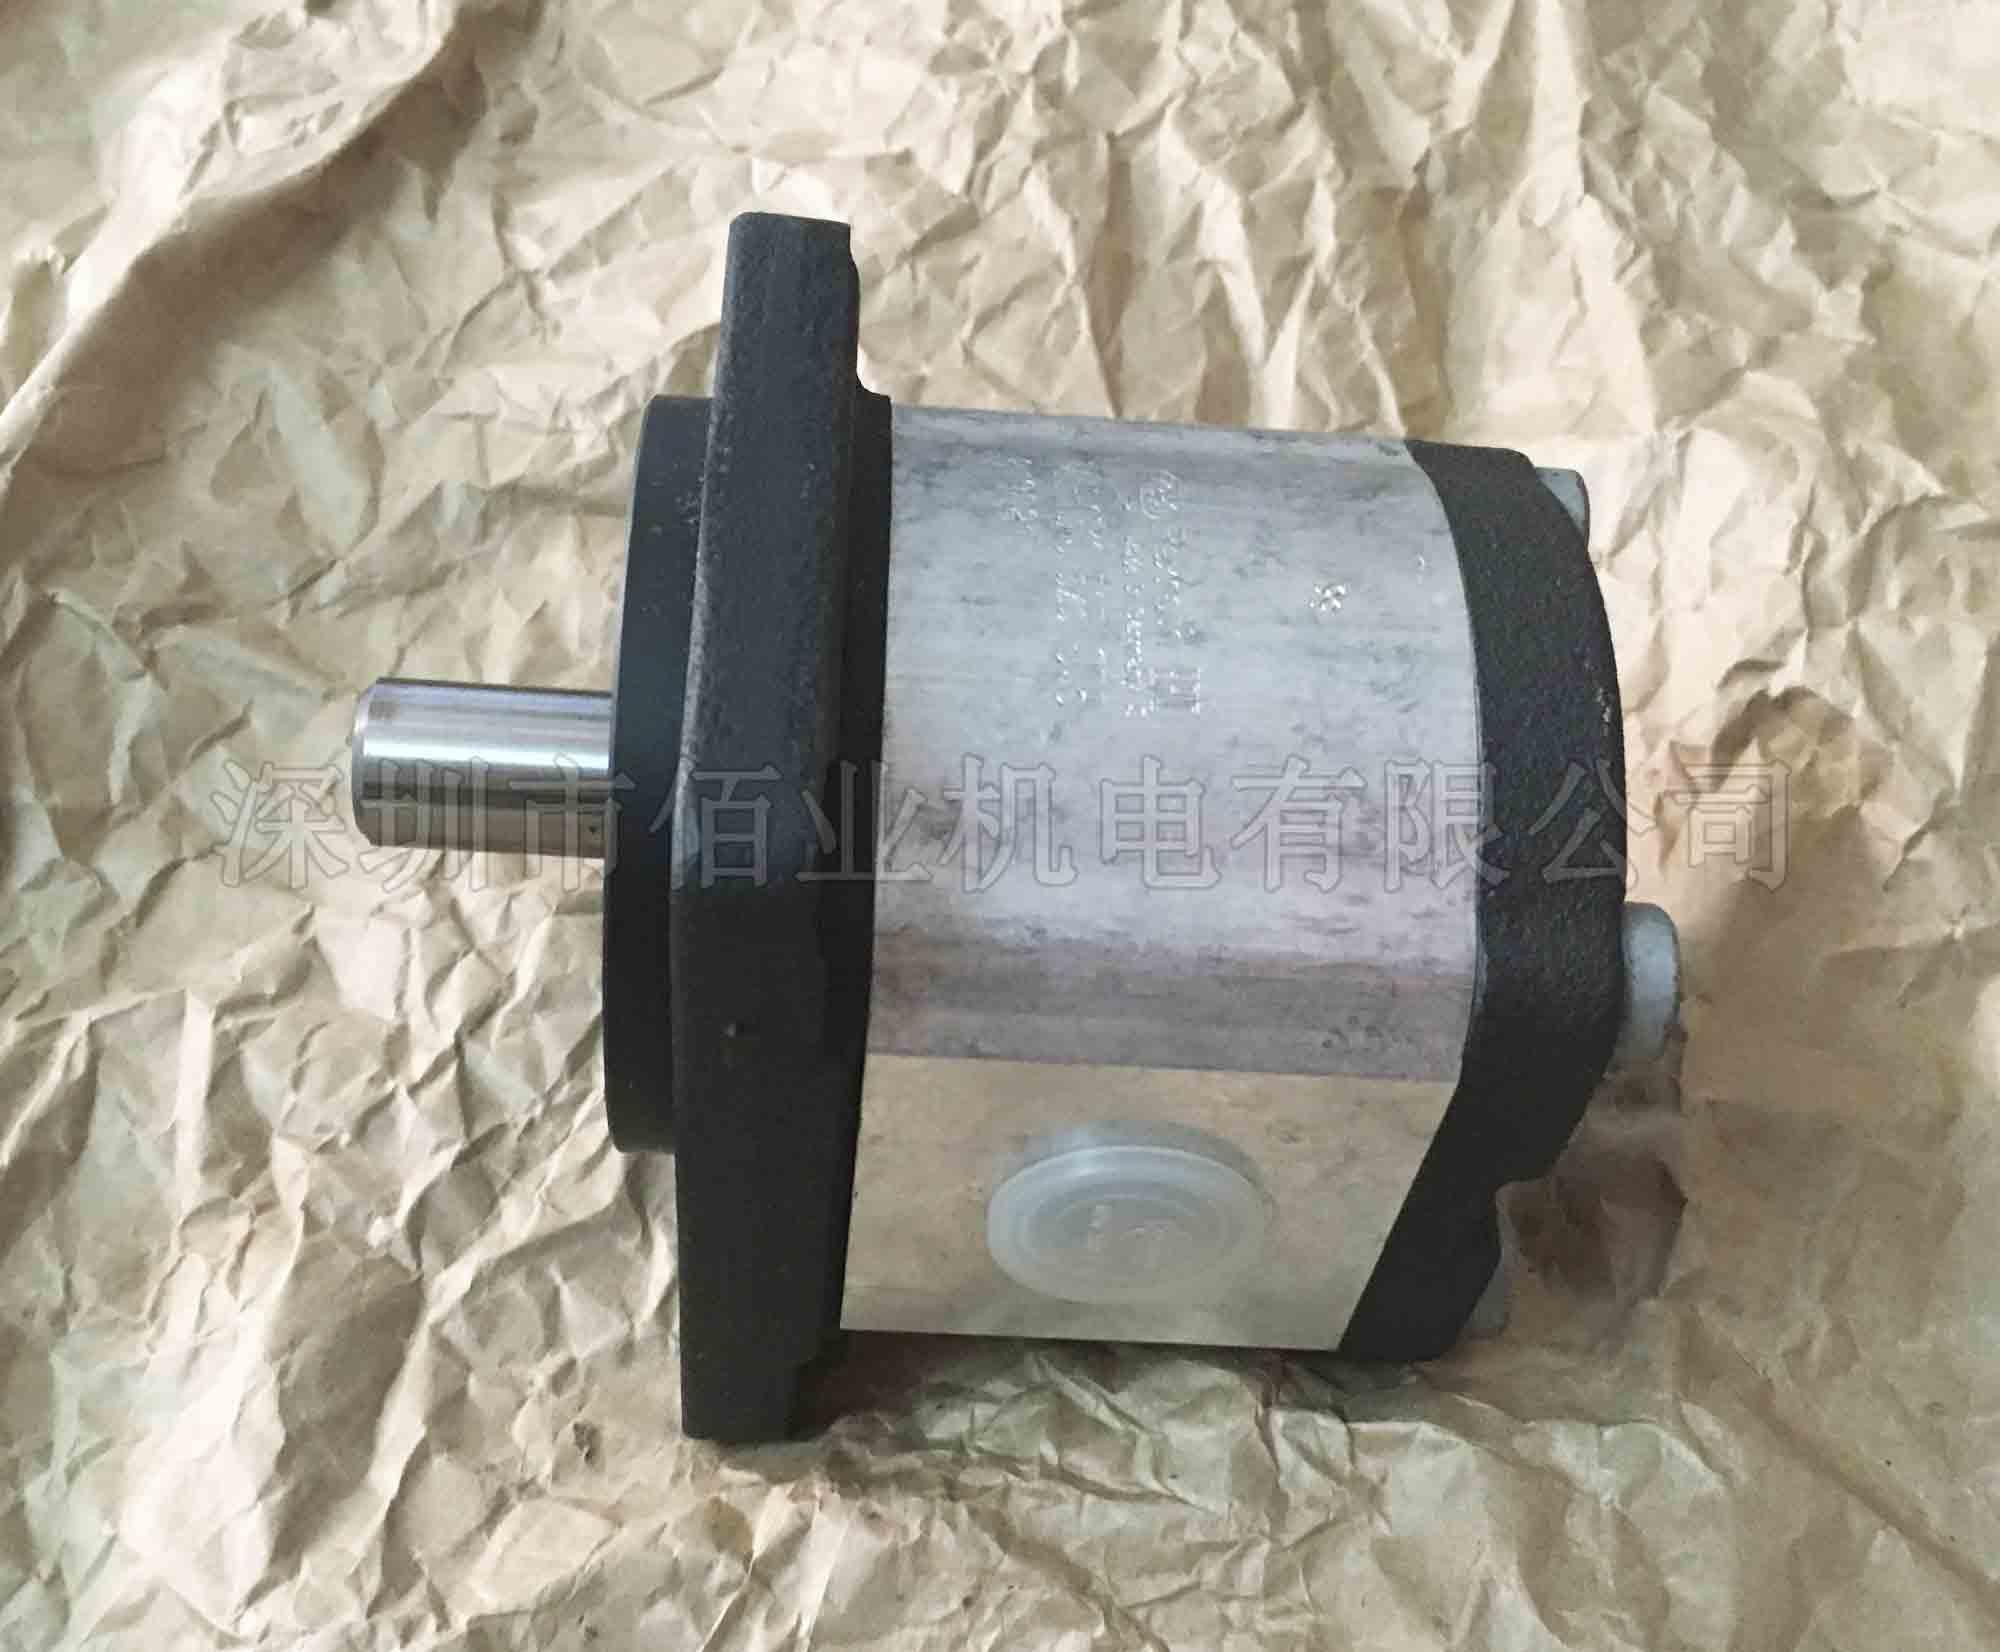 力士樂外嚙合齒輪泵,AZPF-11-011RAB01MB,0510525076